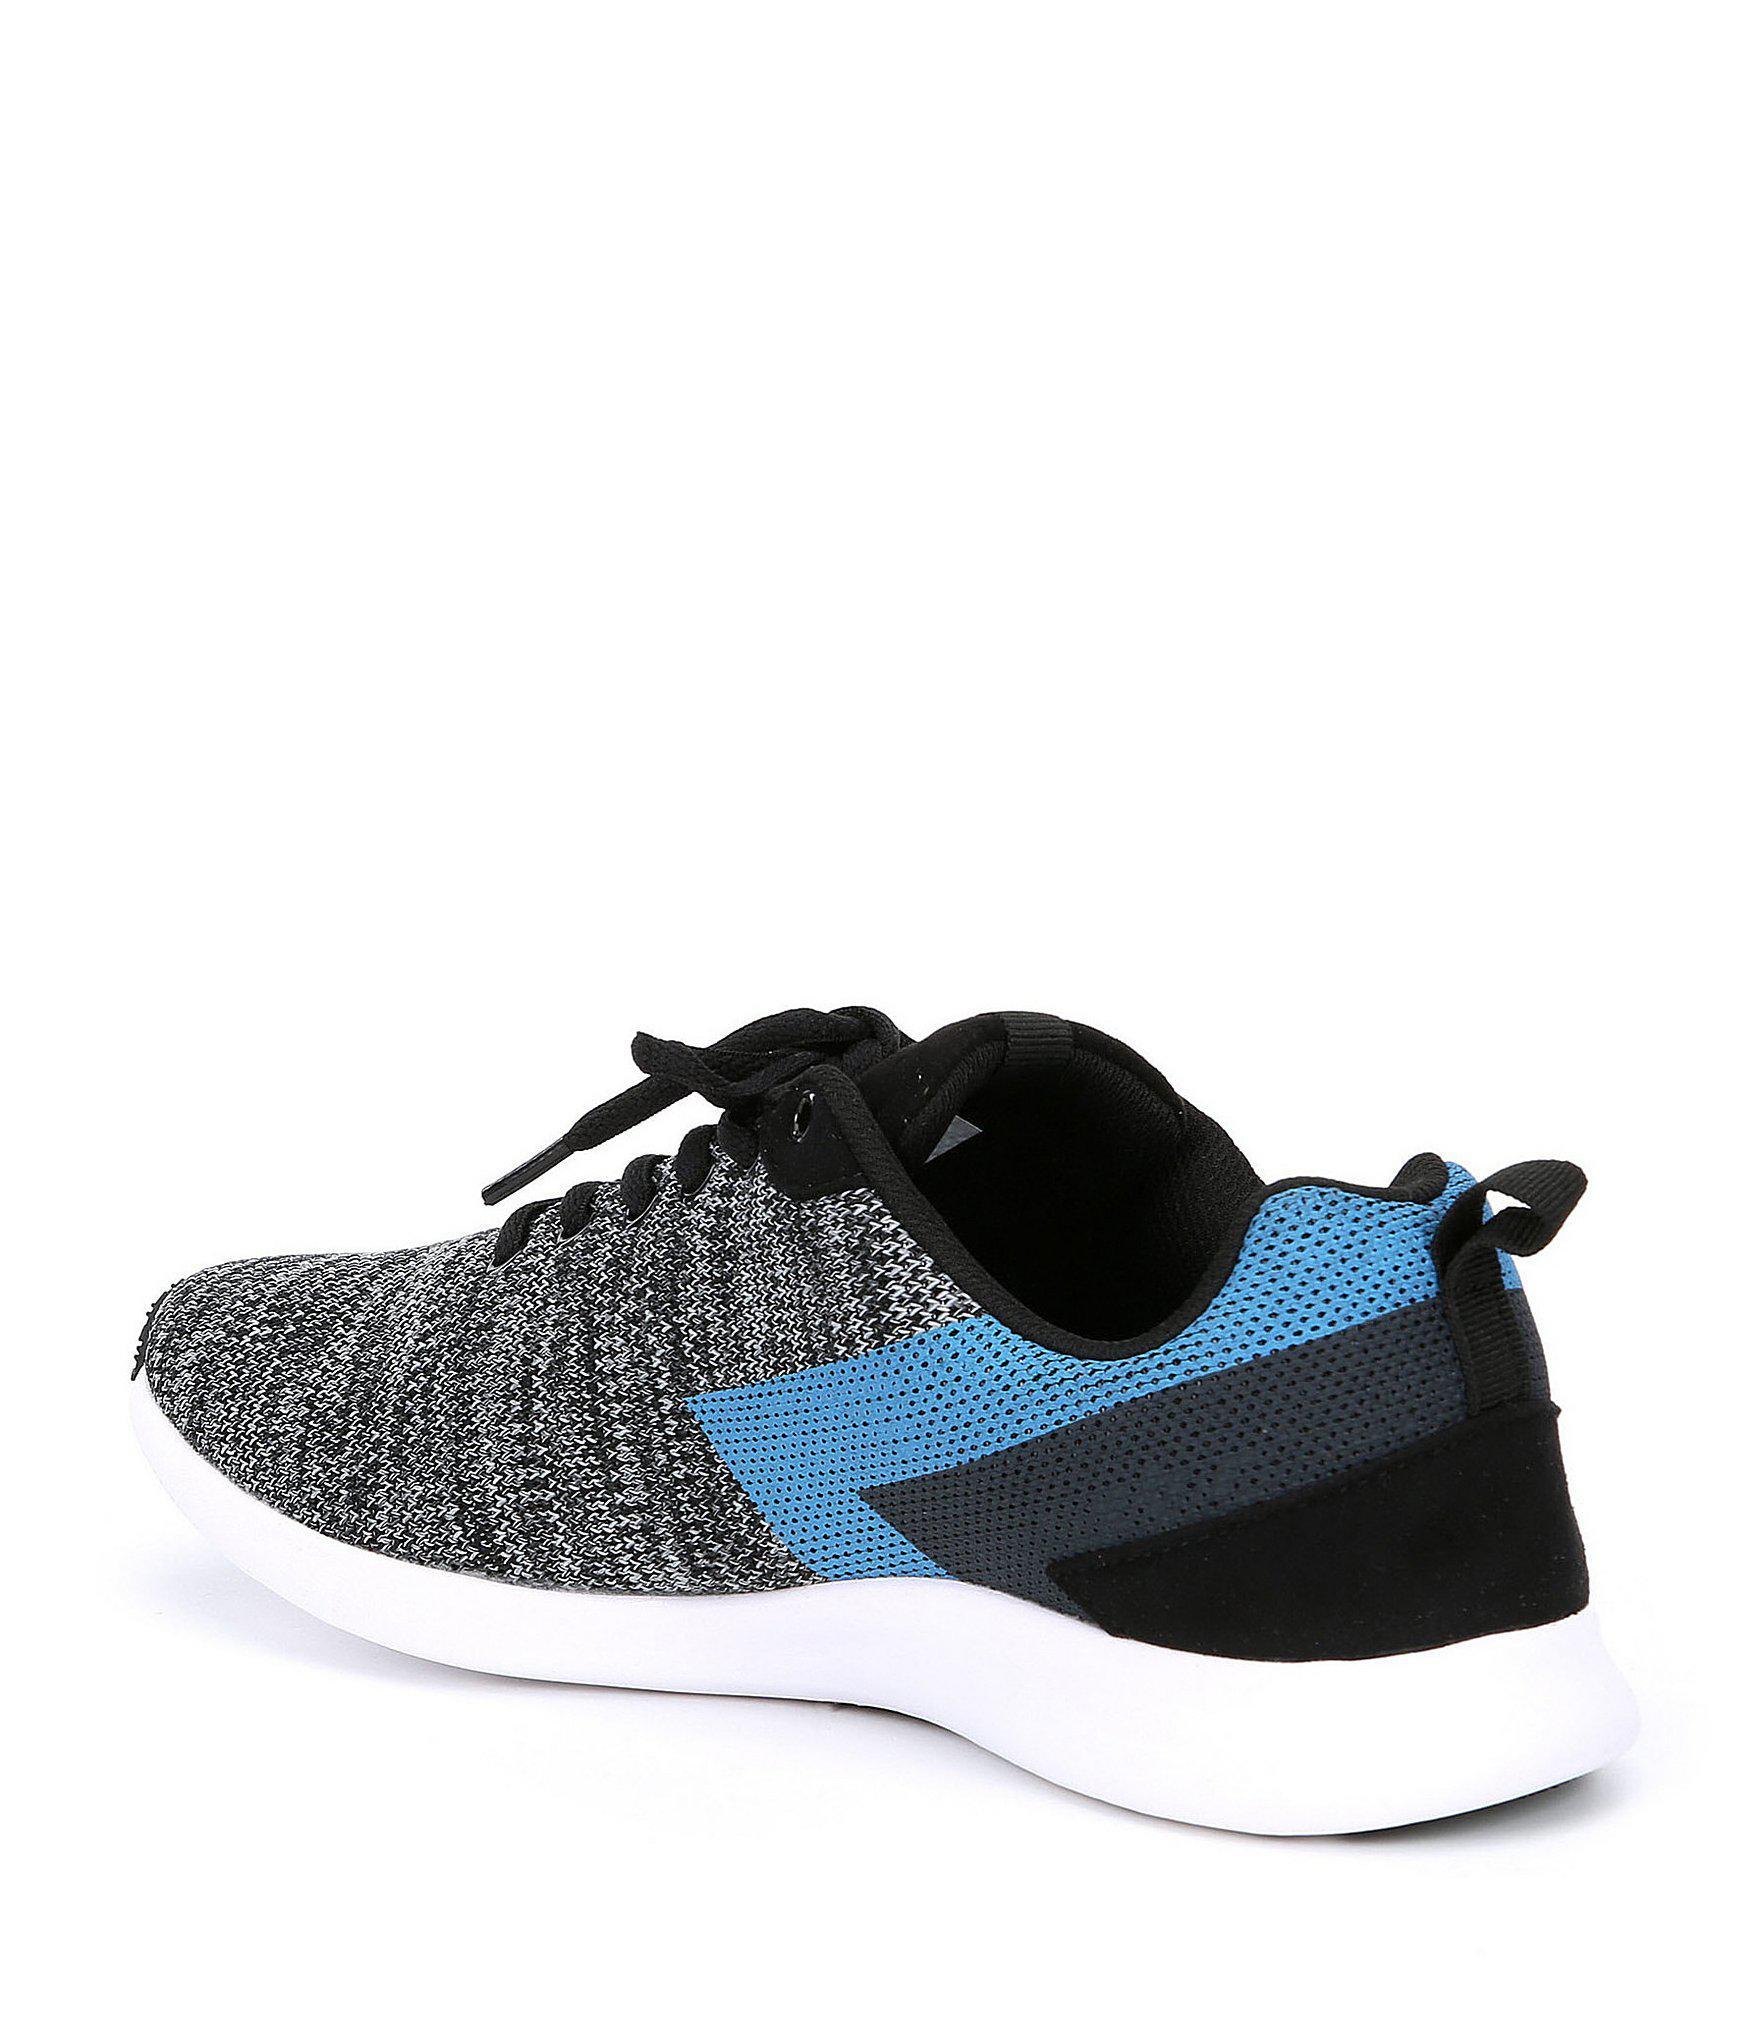 28ea2083edc Lyst - Steve Madden Men s Barrett Knit Sneaker in Blue for Men